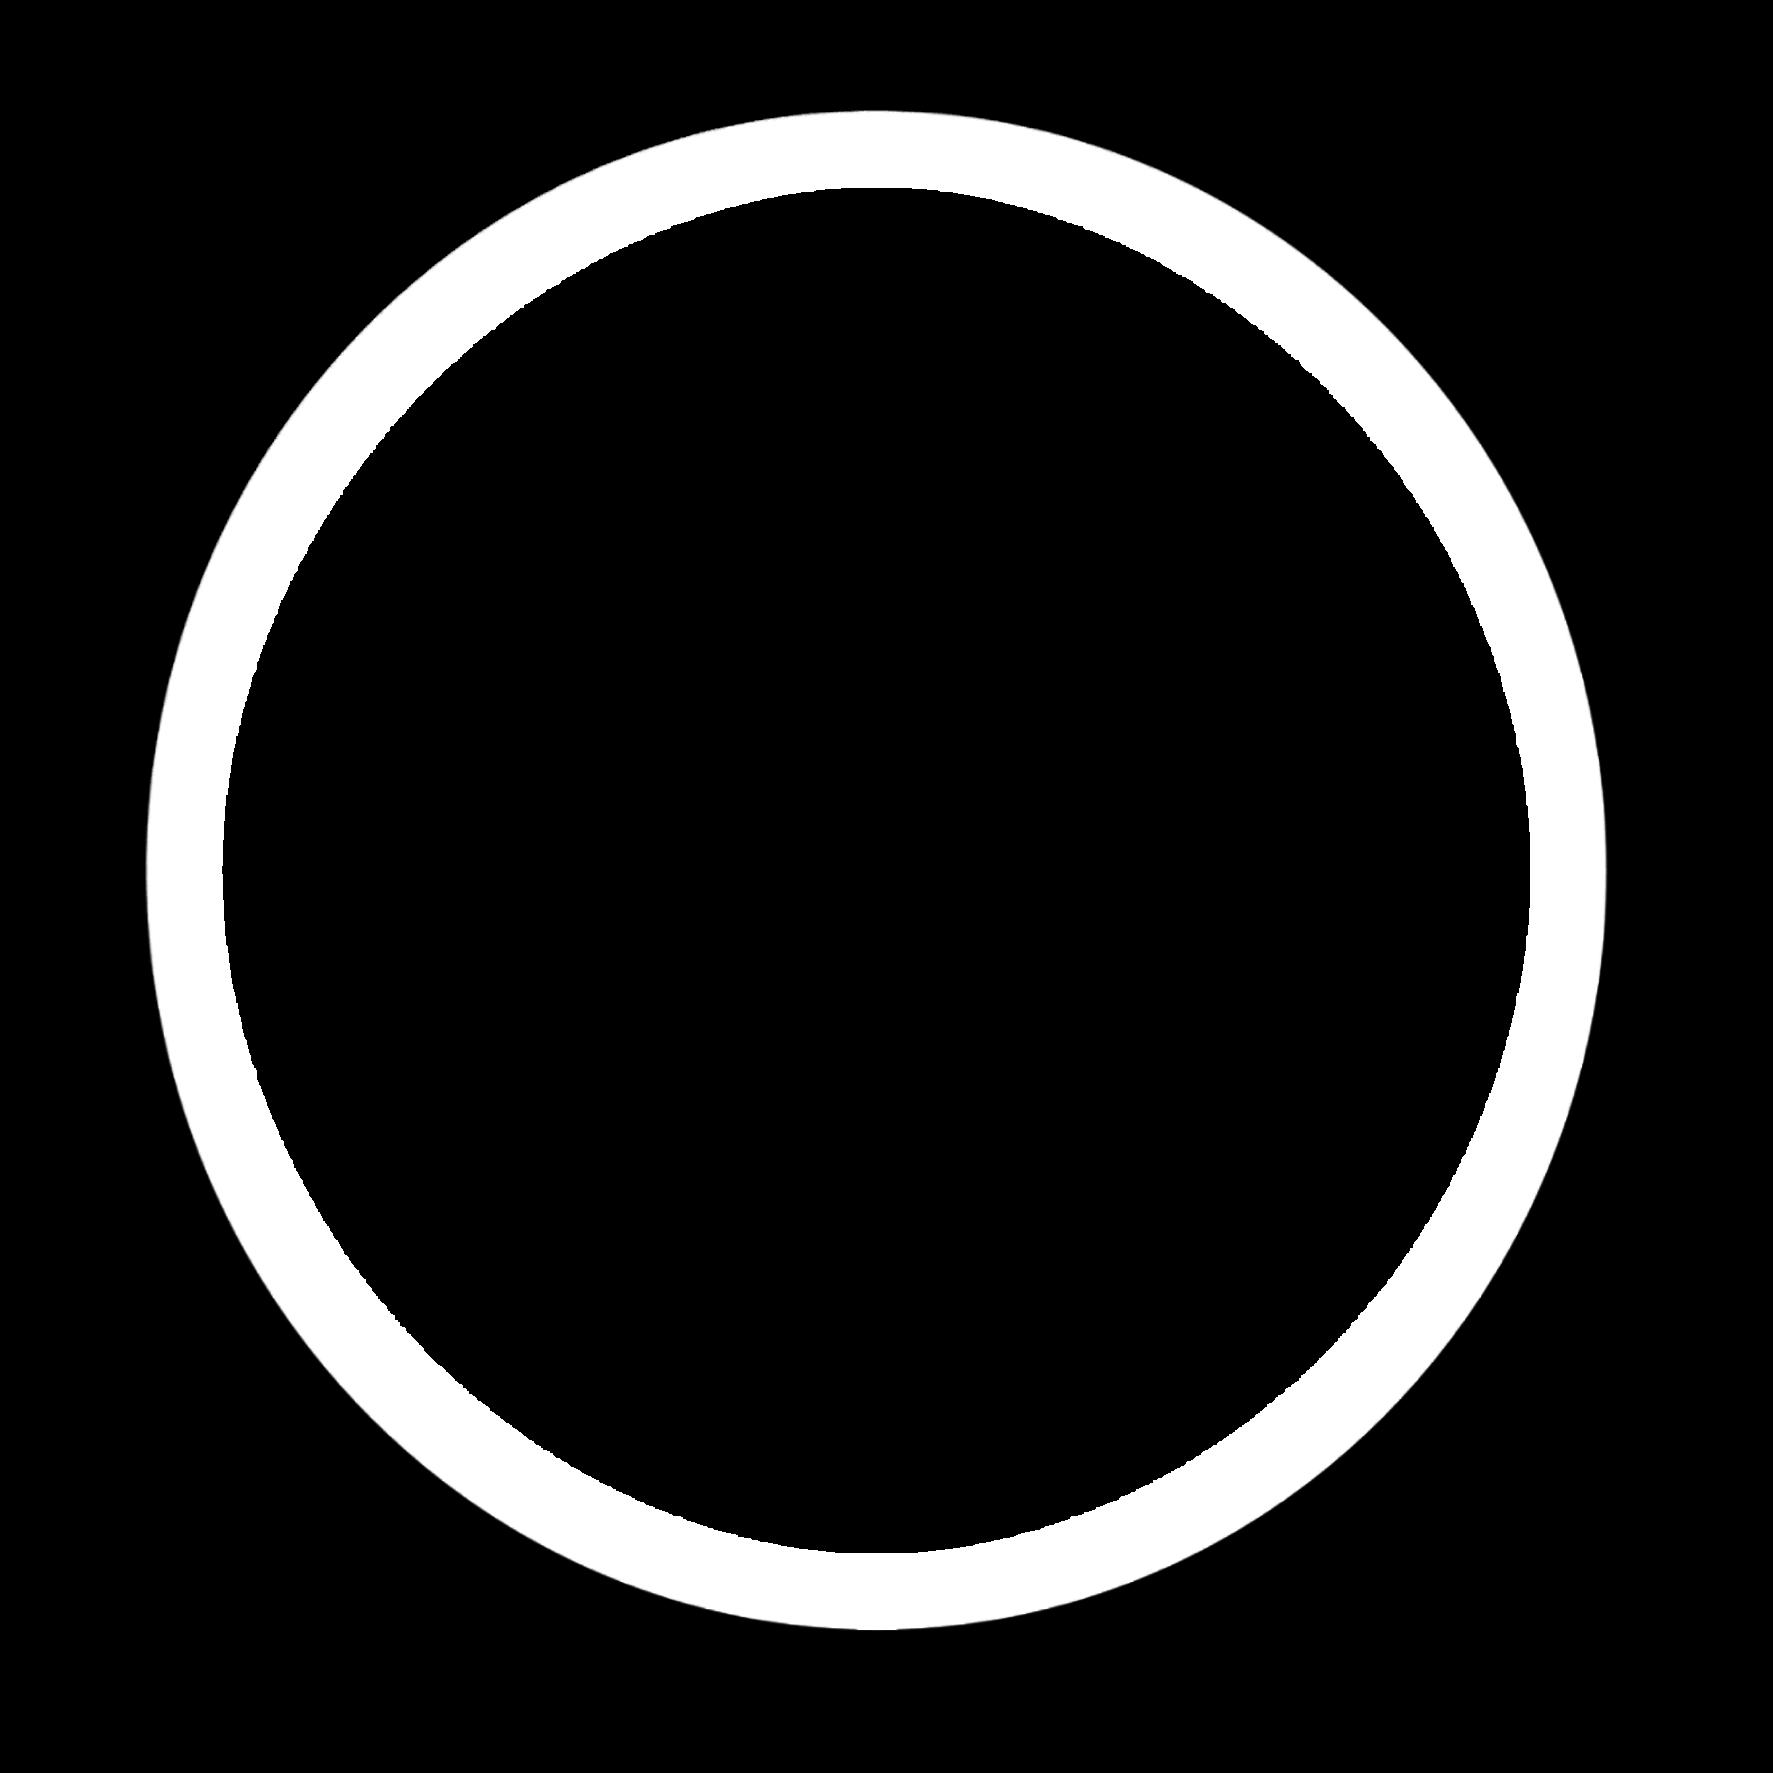 freetoeditcircle background overlay aesthetic icon